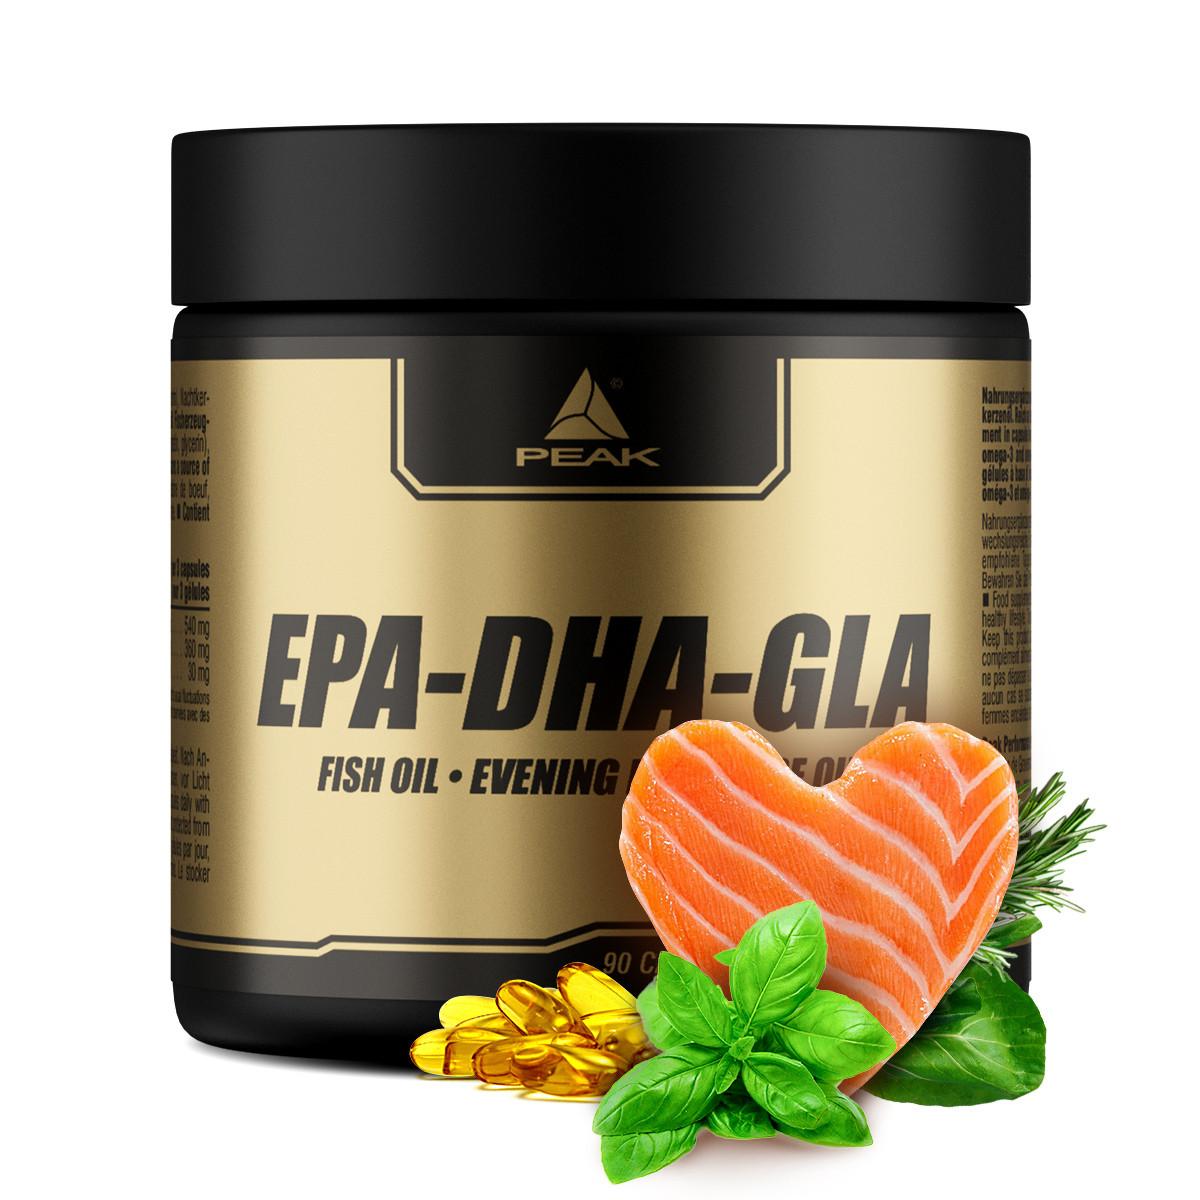 lehet-e omega 3-at szedni magas vérnyomás esetén echo cs hipertónia esetén